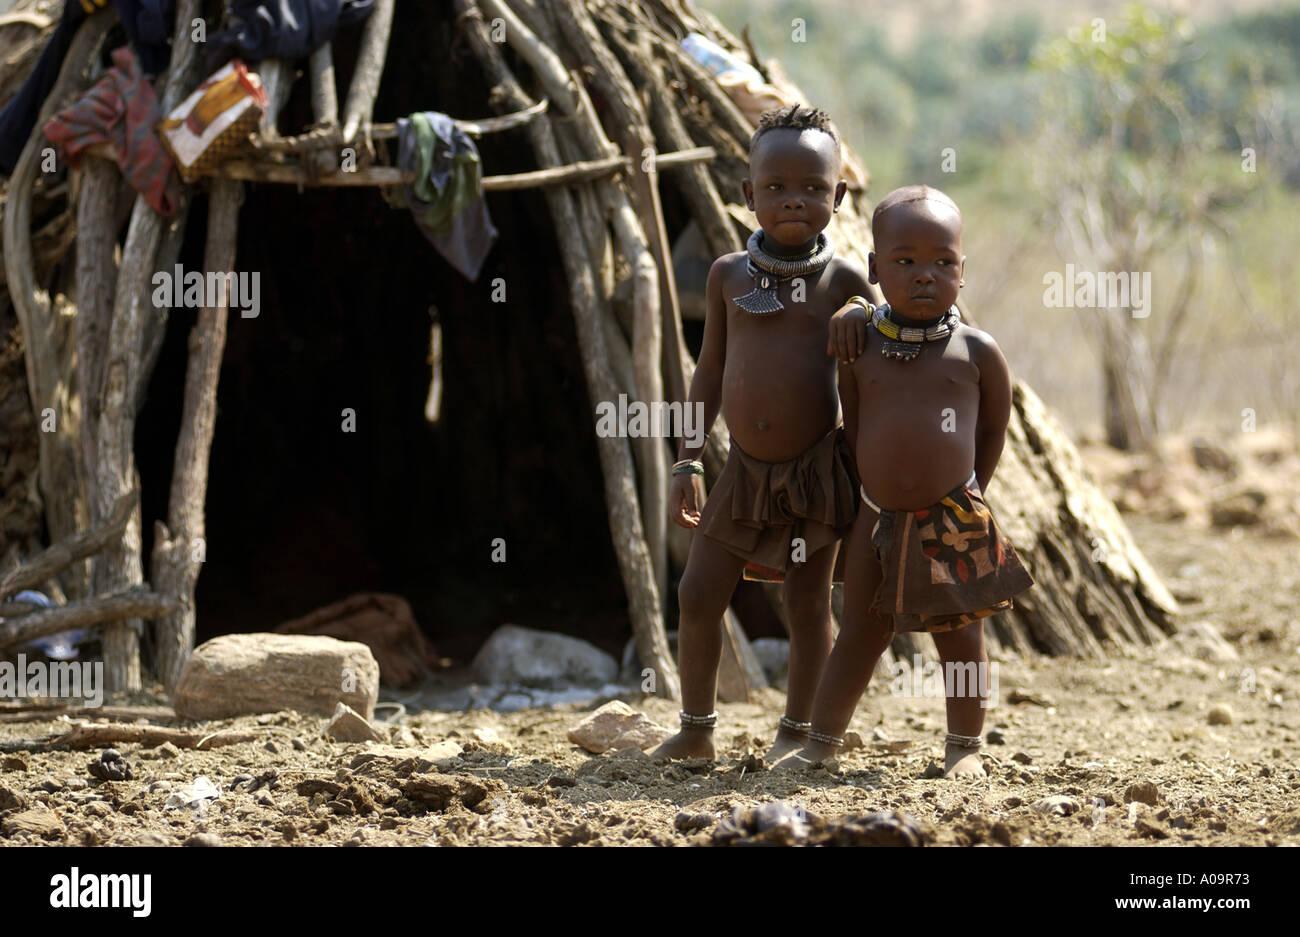 Himba children - Stock Image